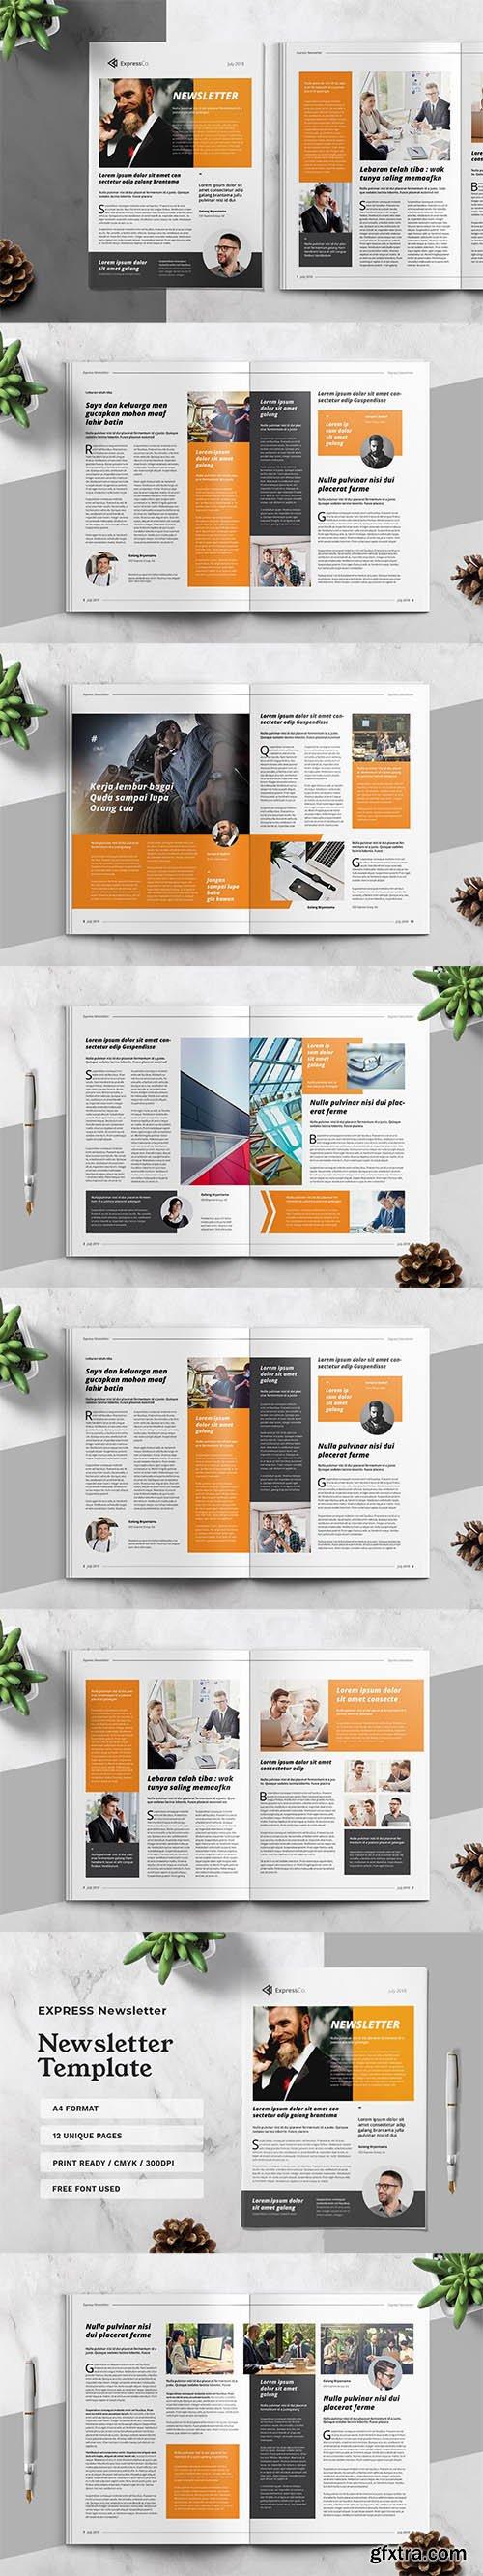 Express Business Newsletter Template